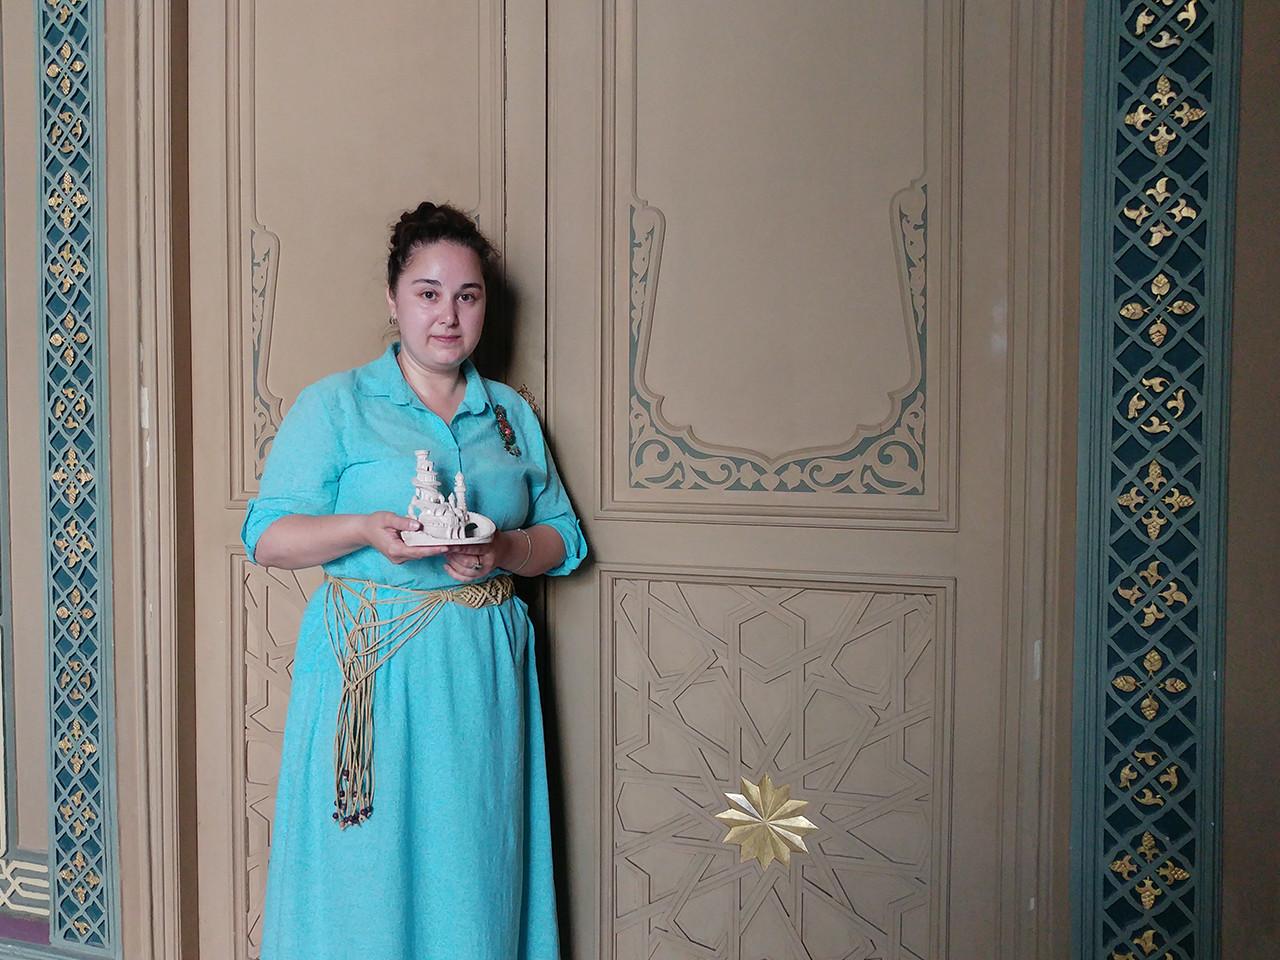 Nuridə Hüseynova